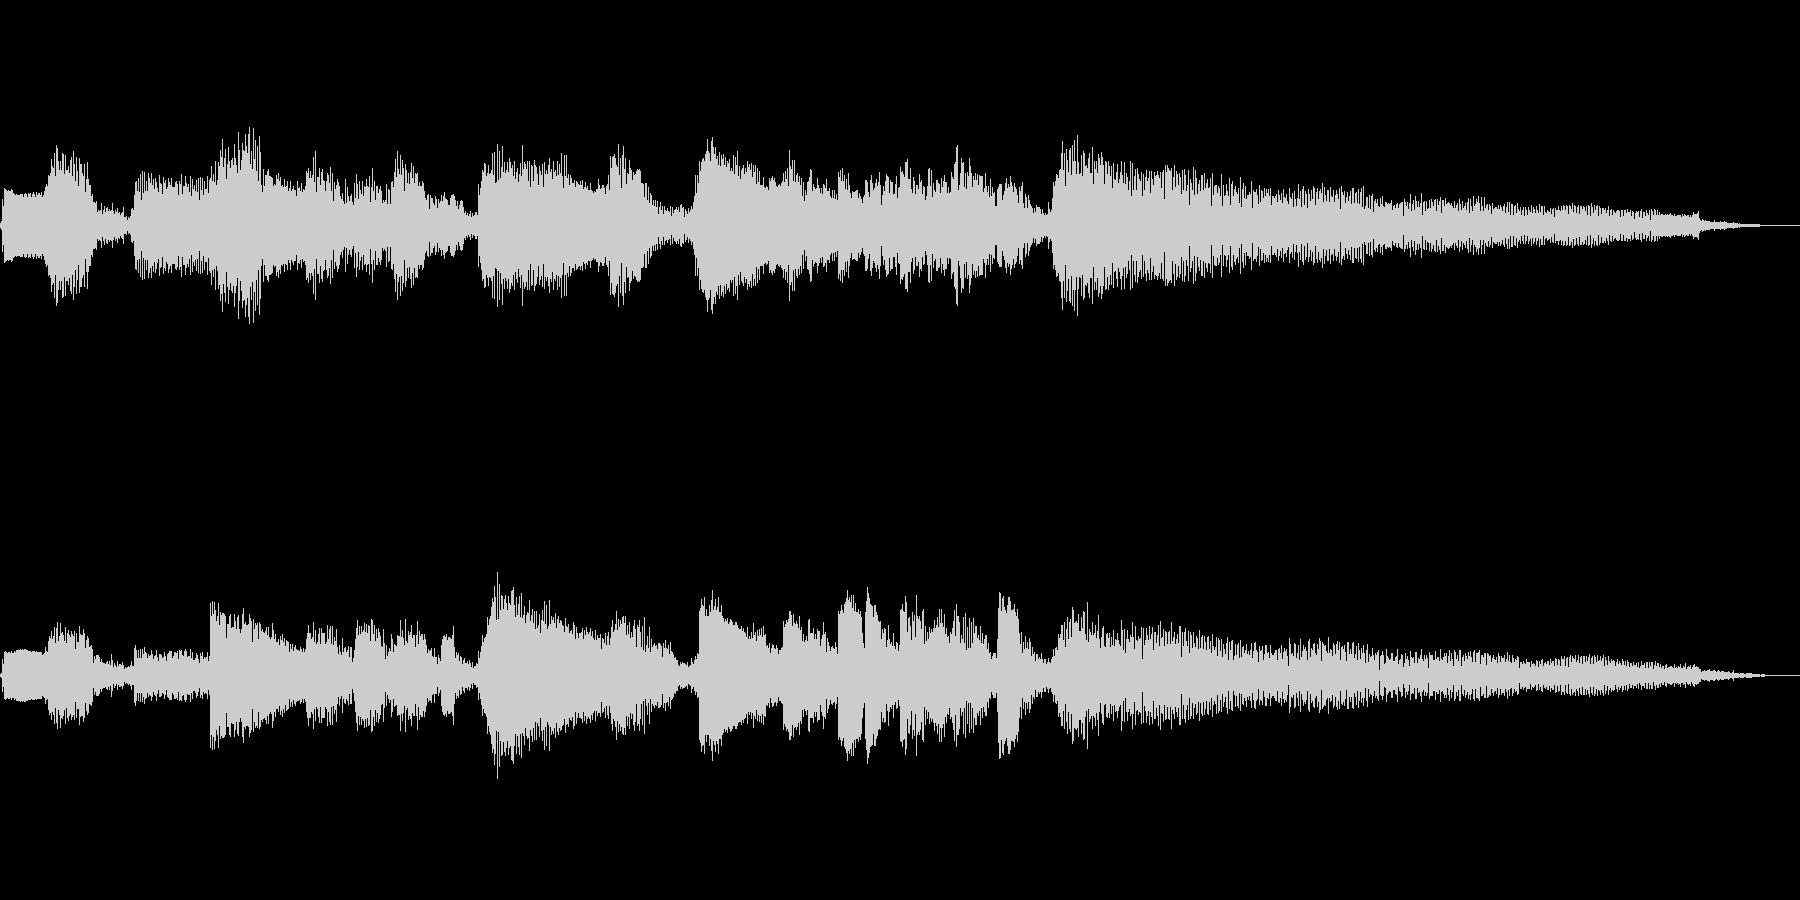 【12秒】ジャズギターのコードとソロの未再生の波形